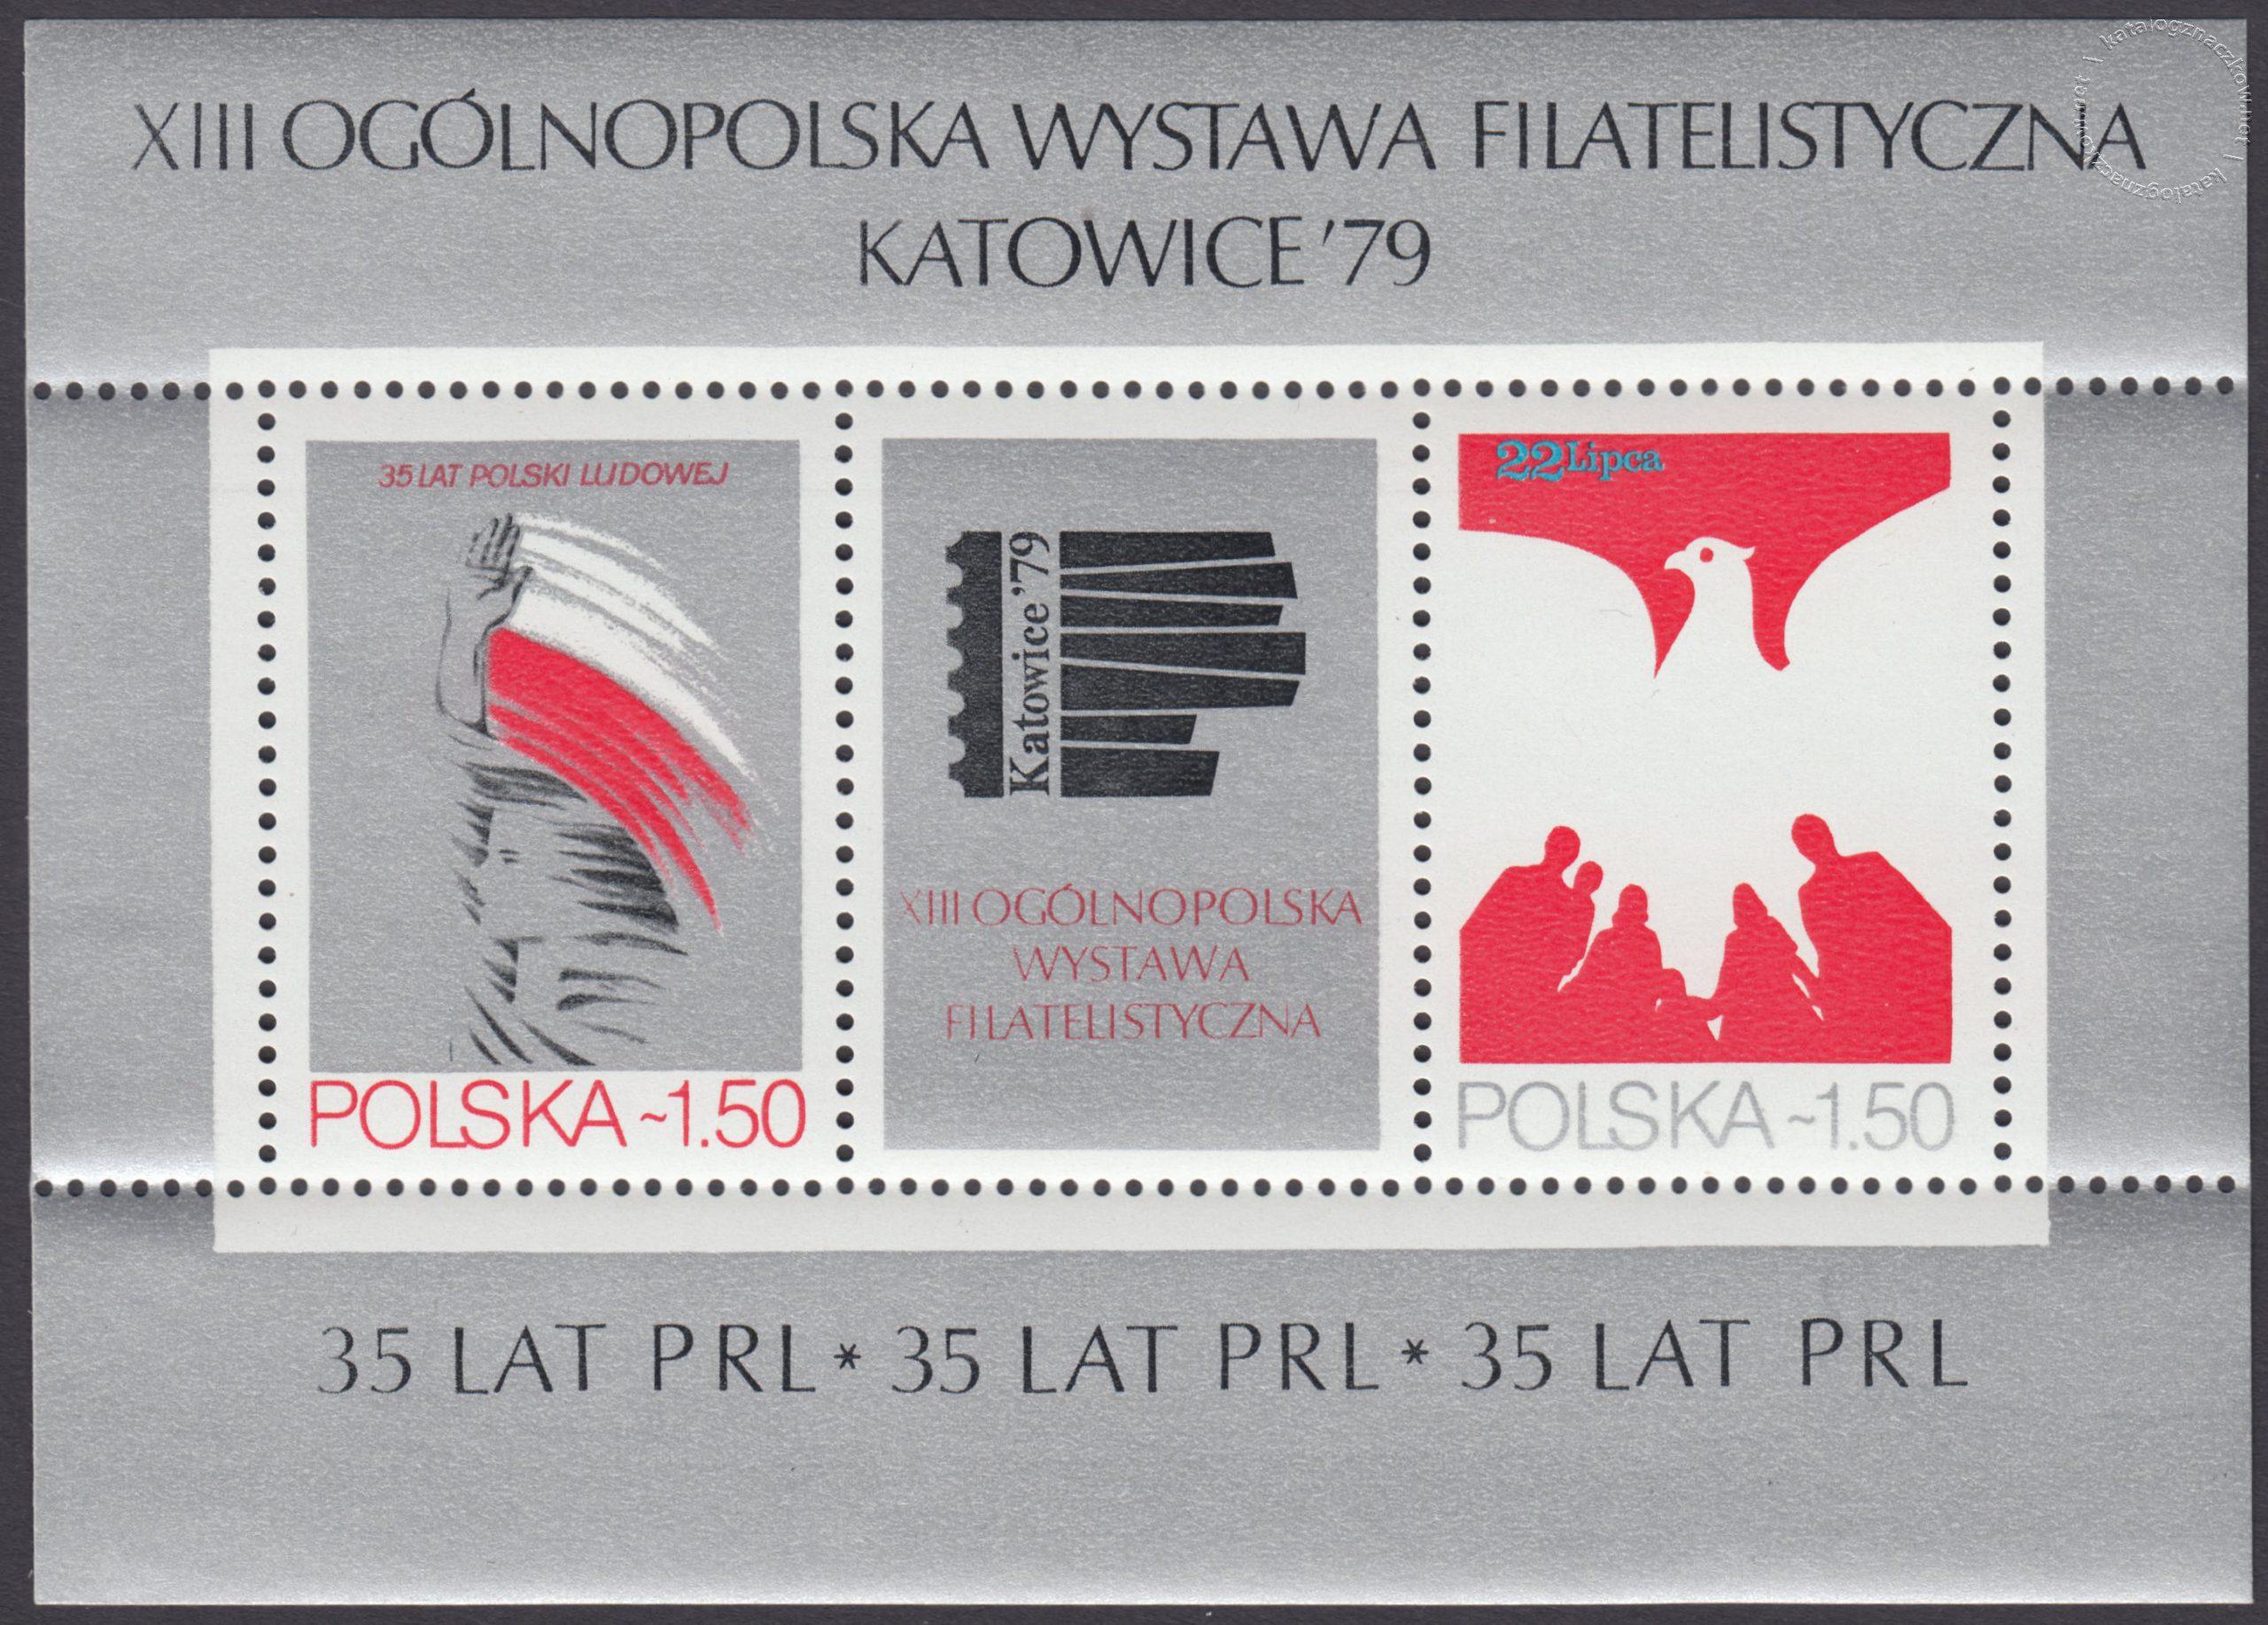 XIII Ogólnopolska Wystawa Filatelistyczna  – Blok 63